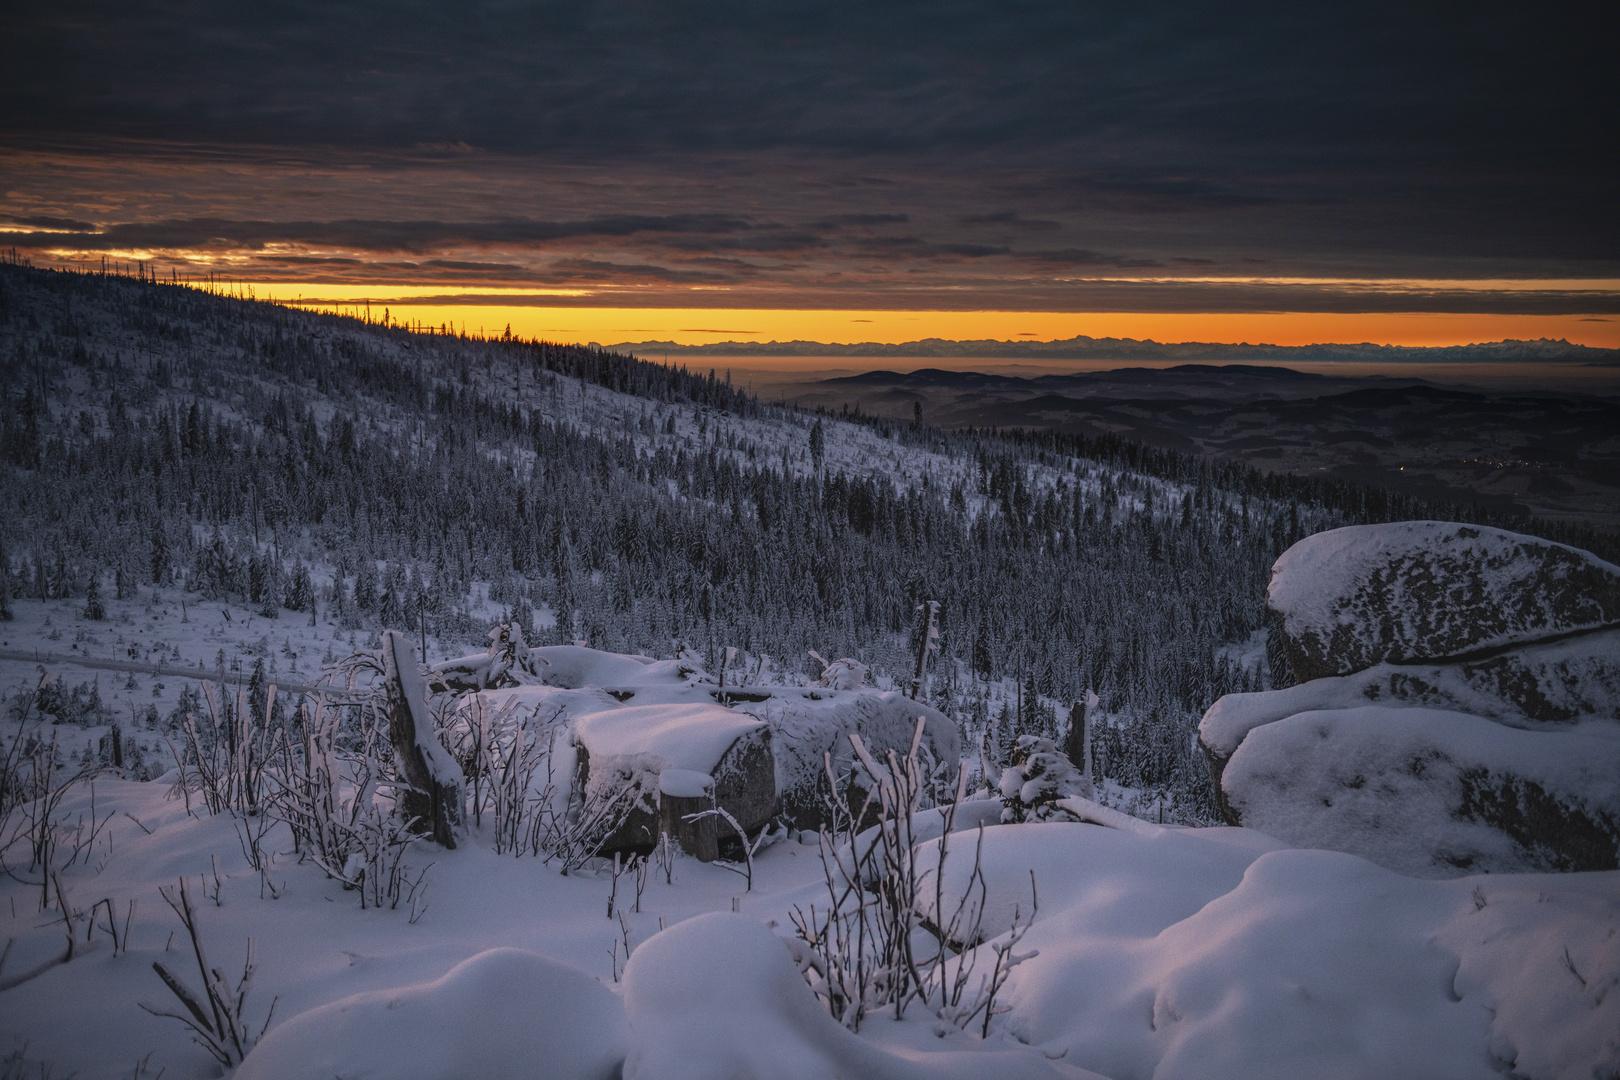 Stille und Ruhe kurz vor Sonnenaufgang